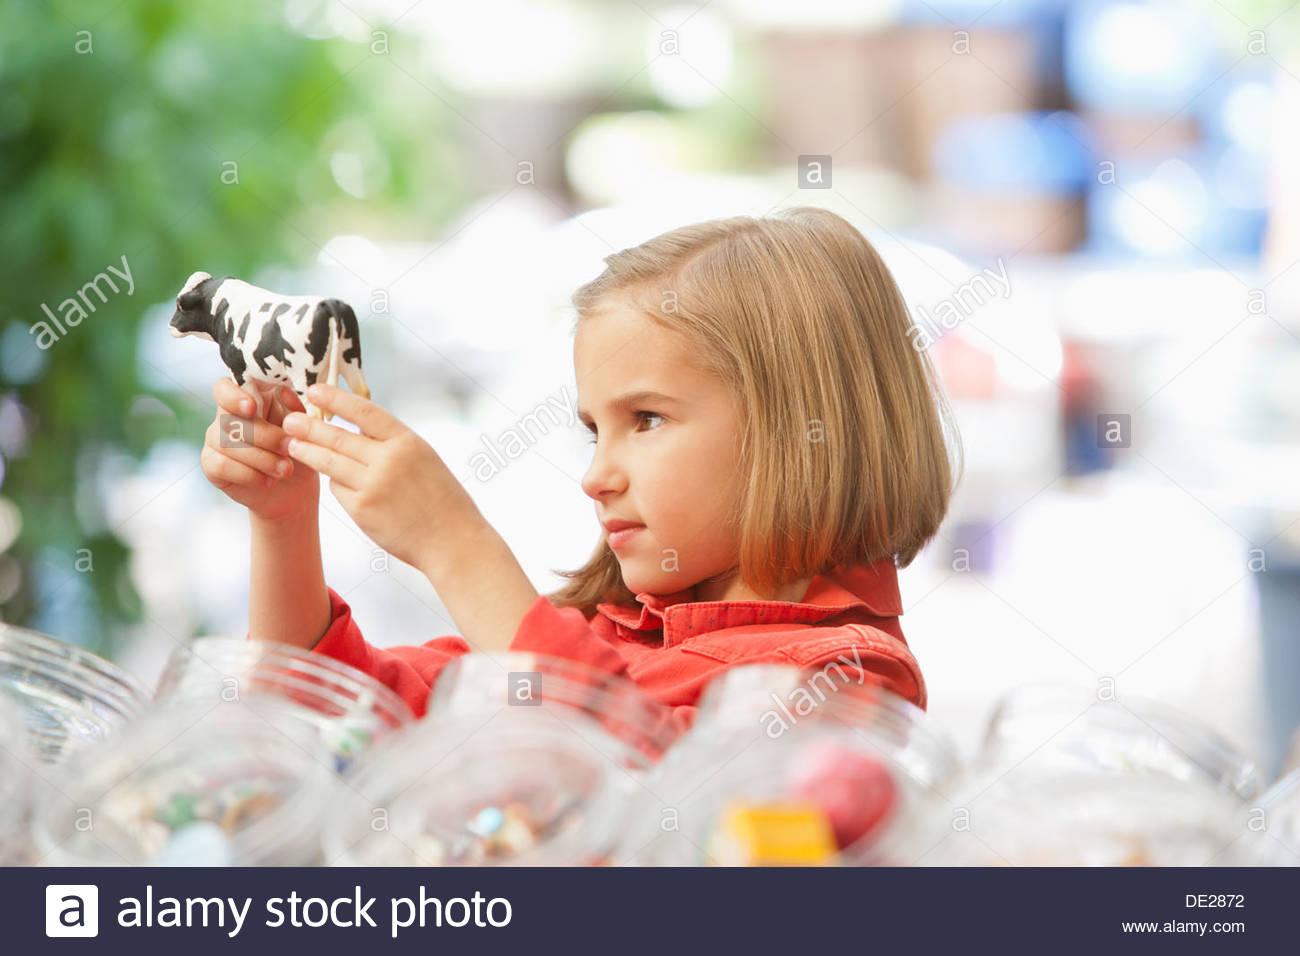 Mädchen im Spielzeugladen einkaufen Stockbild